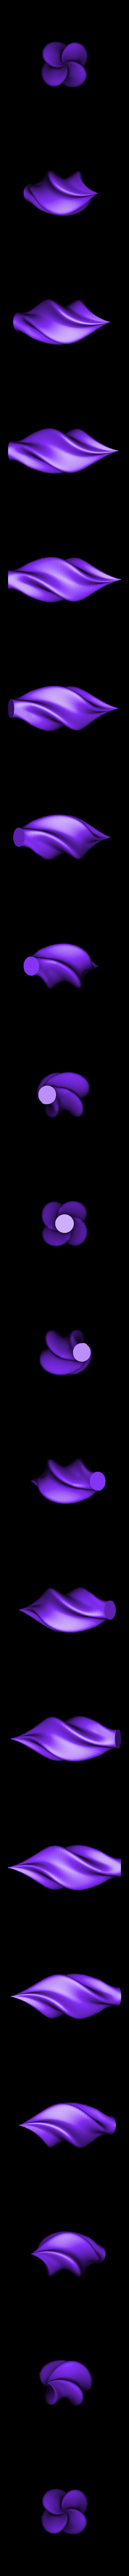 bauble.stl Télécharger fichier STL gratuit Twisty icicle ornement de Noël arbre de Noël • Modèle pour imprimante 3D, arpruss